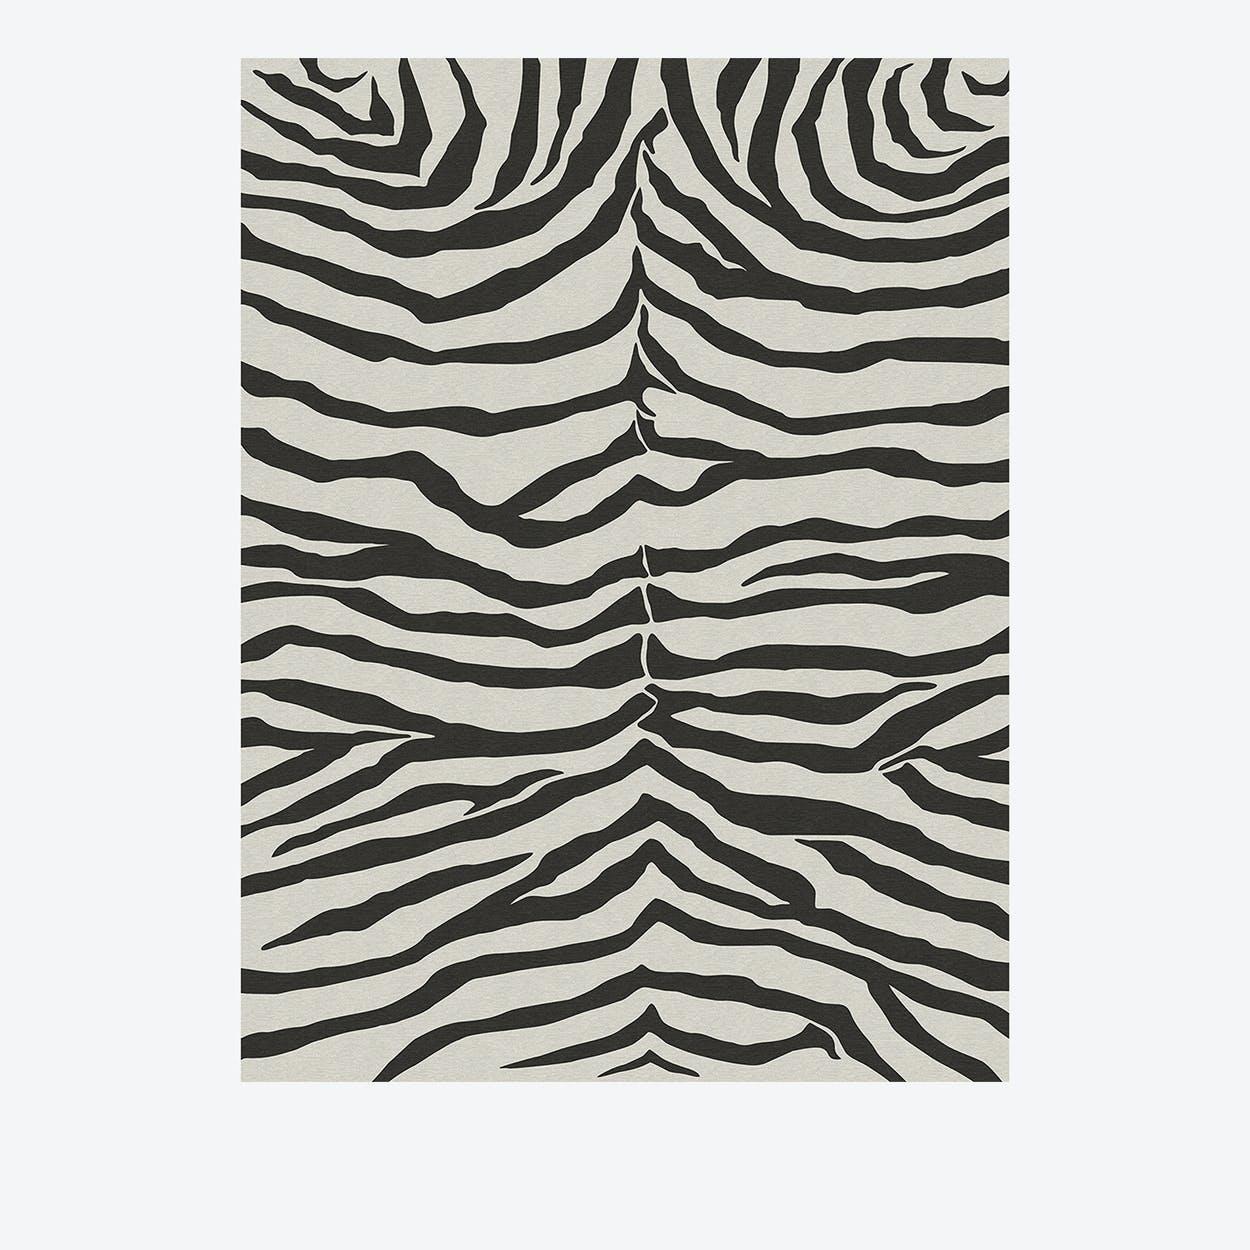 Zebra Rug in Safari Black